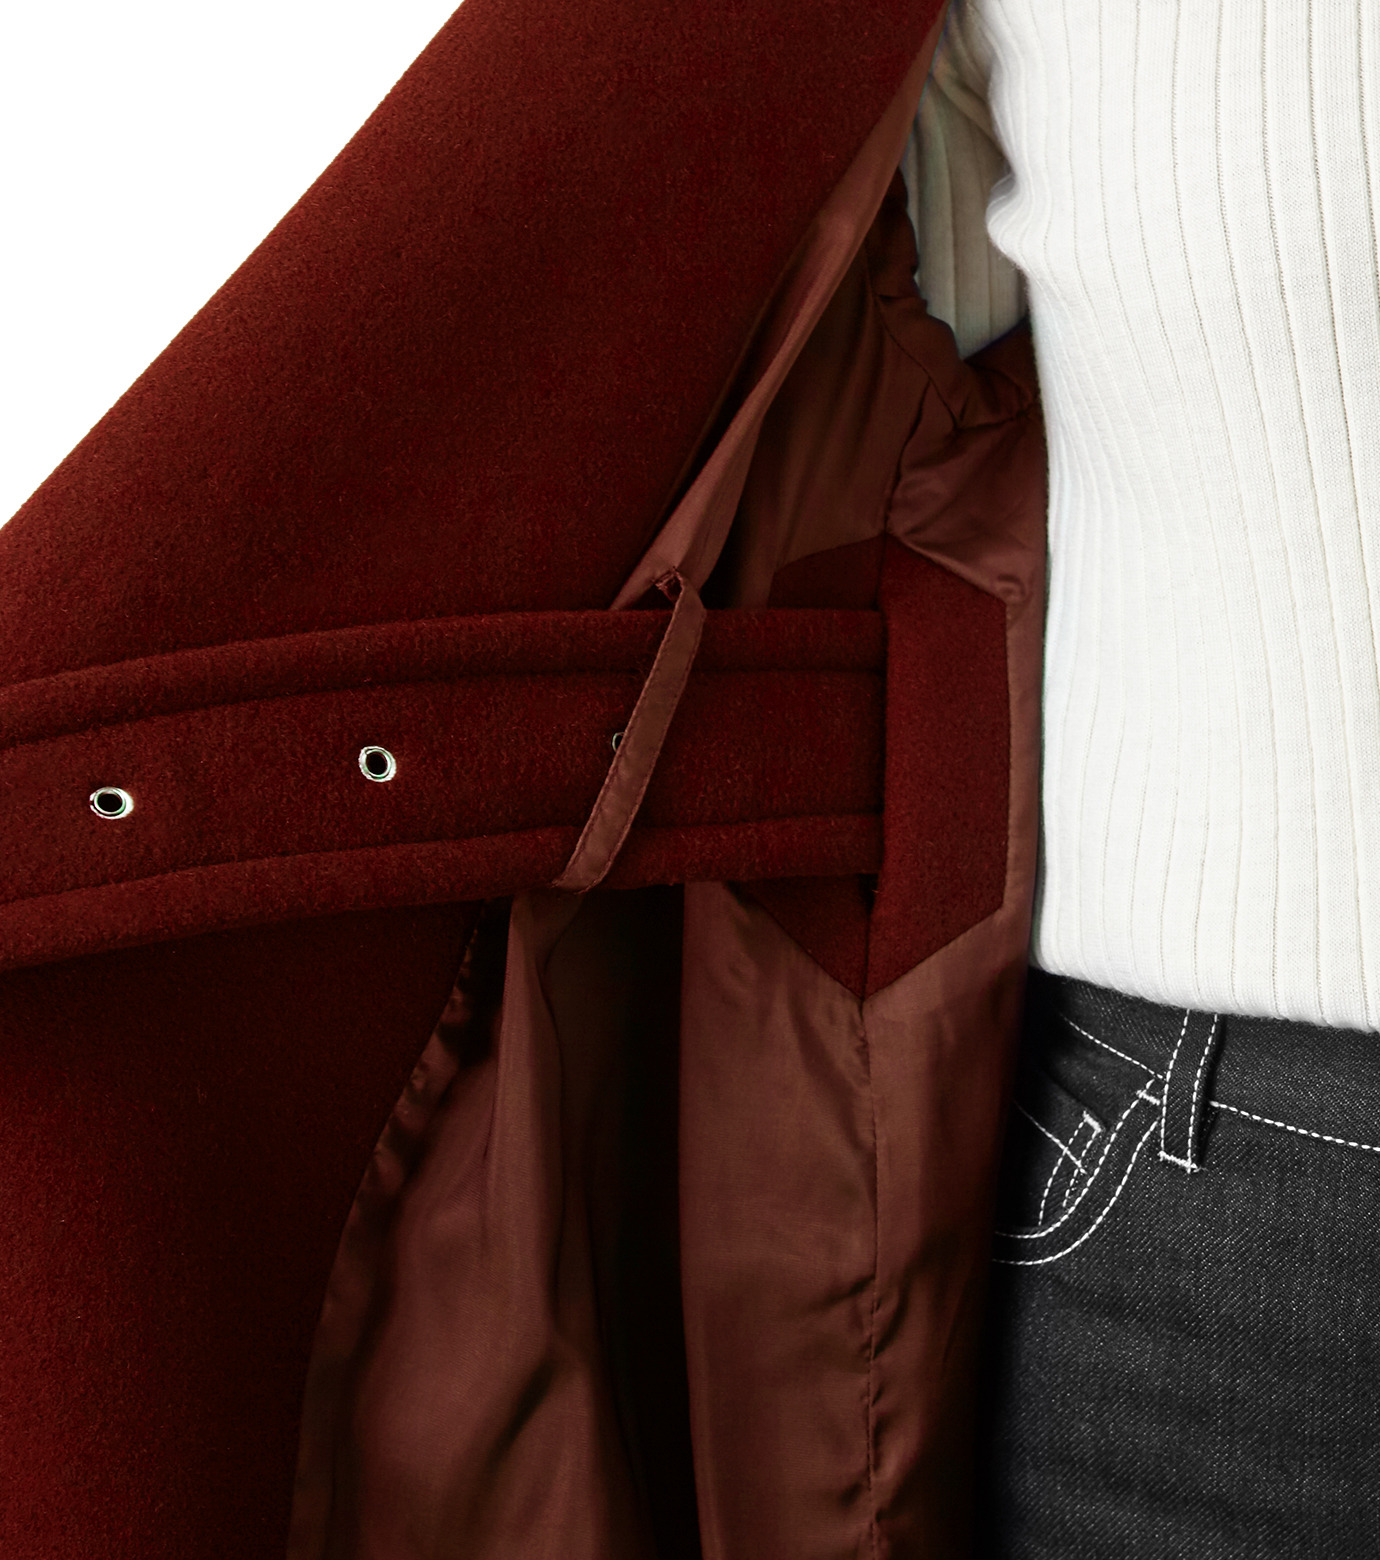 LE CIEL BLEU(ルシェルブルー)のベルトオーバーコート-BORDEAUX(コート/coat)-18A69512 拡大詳細画像4